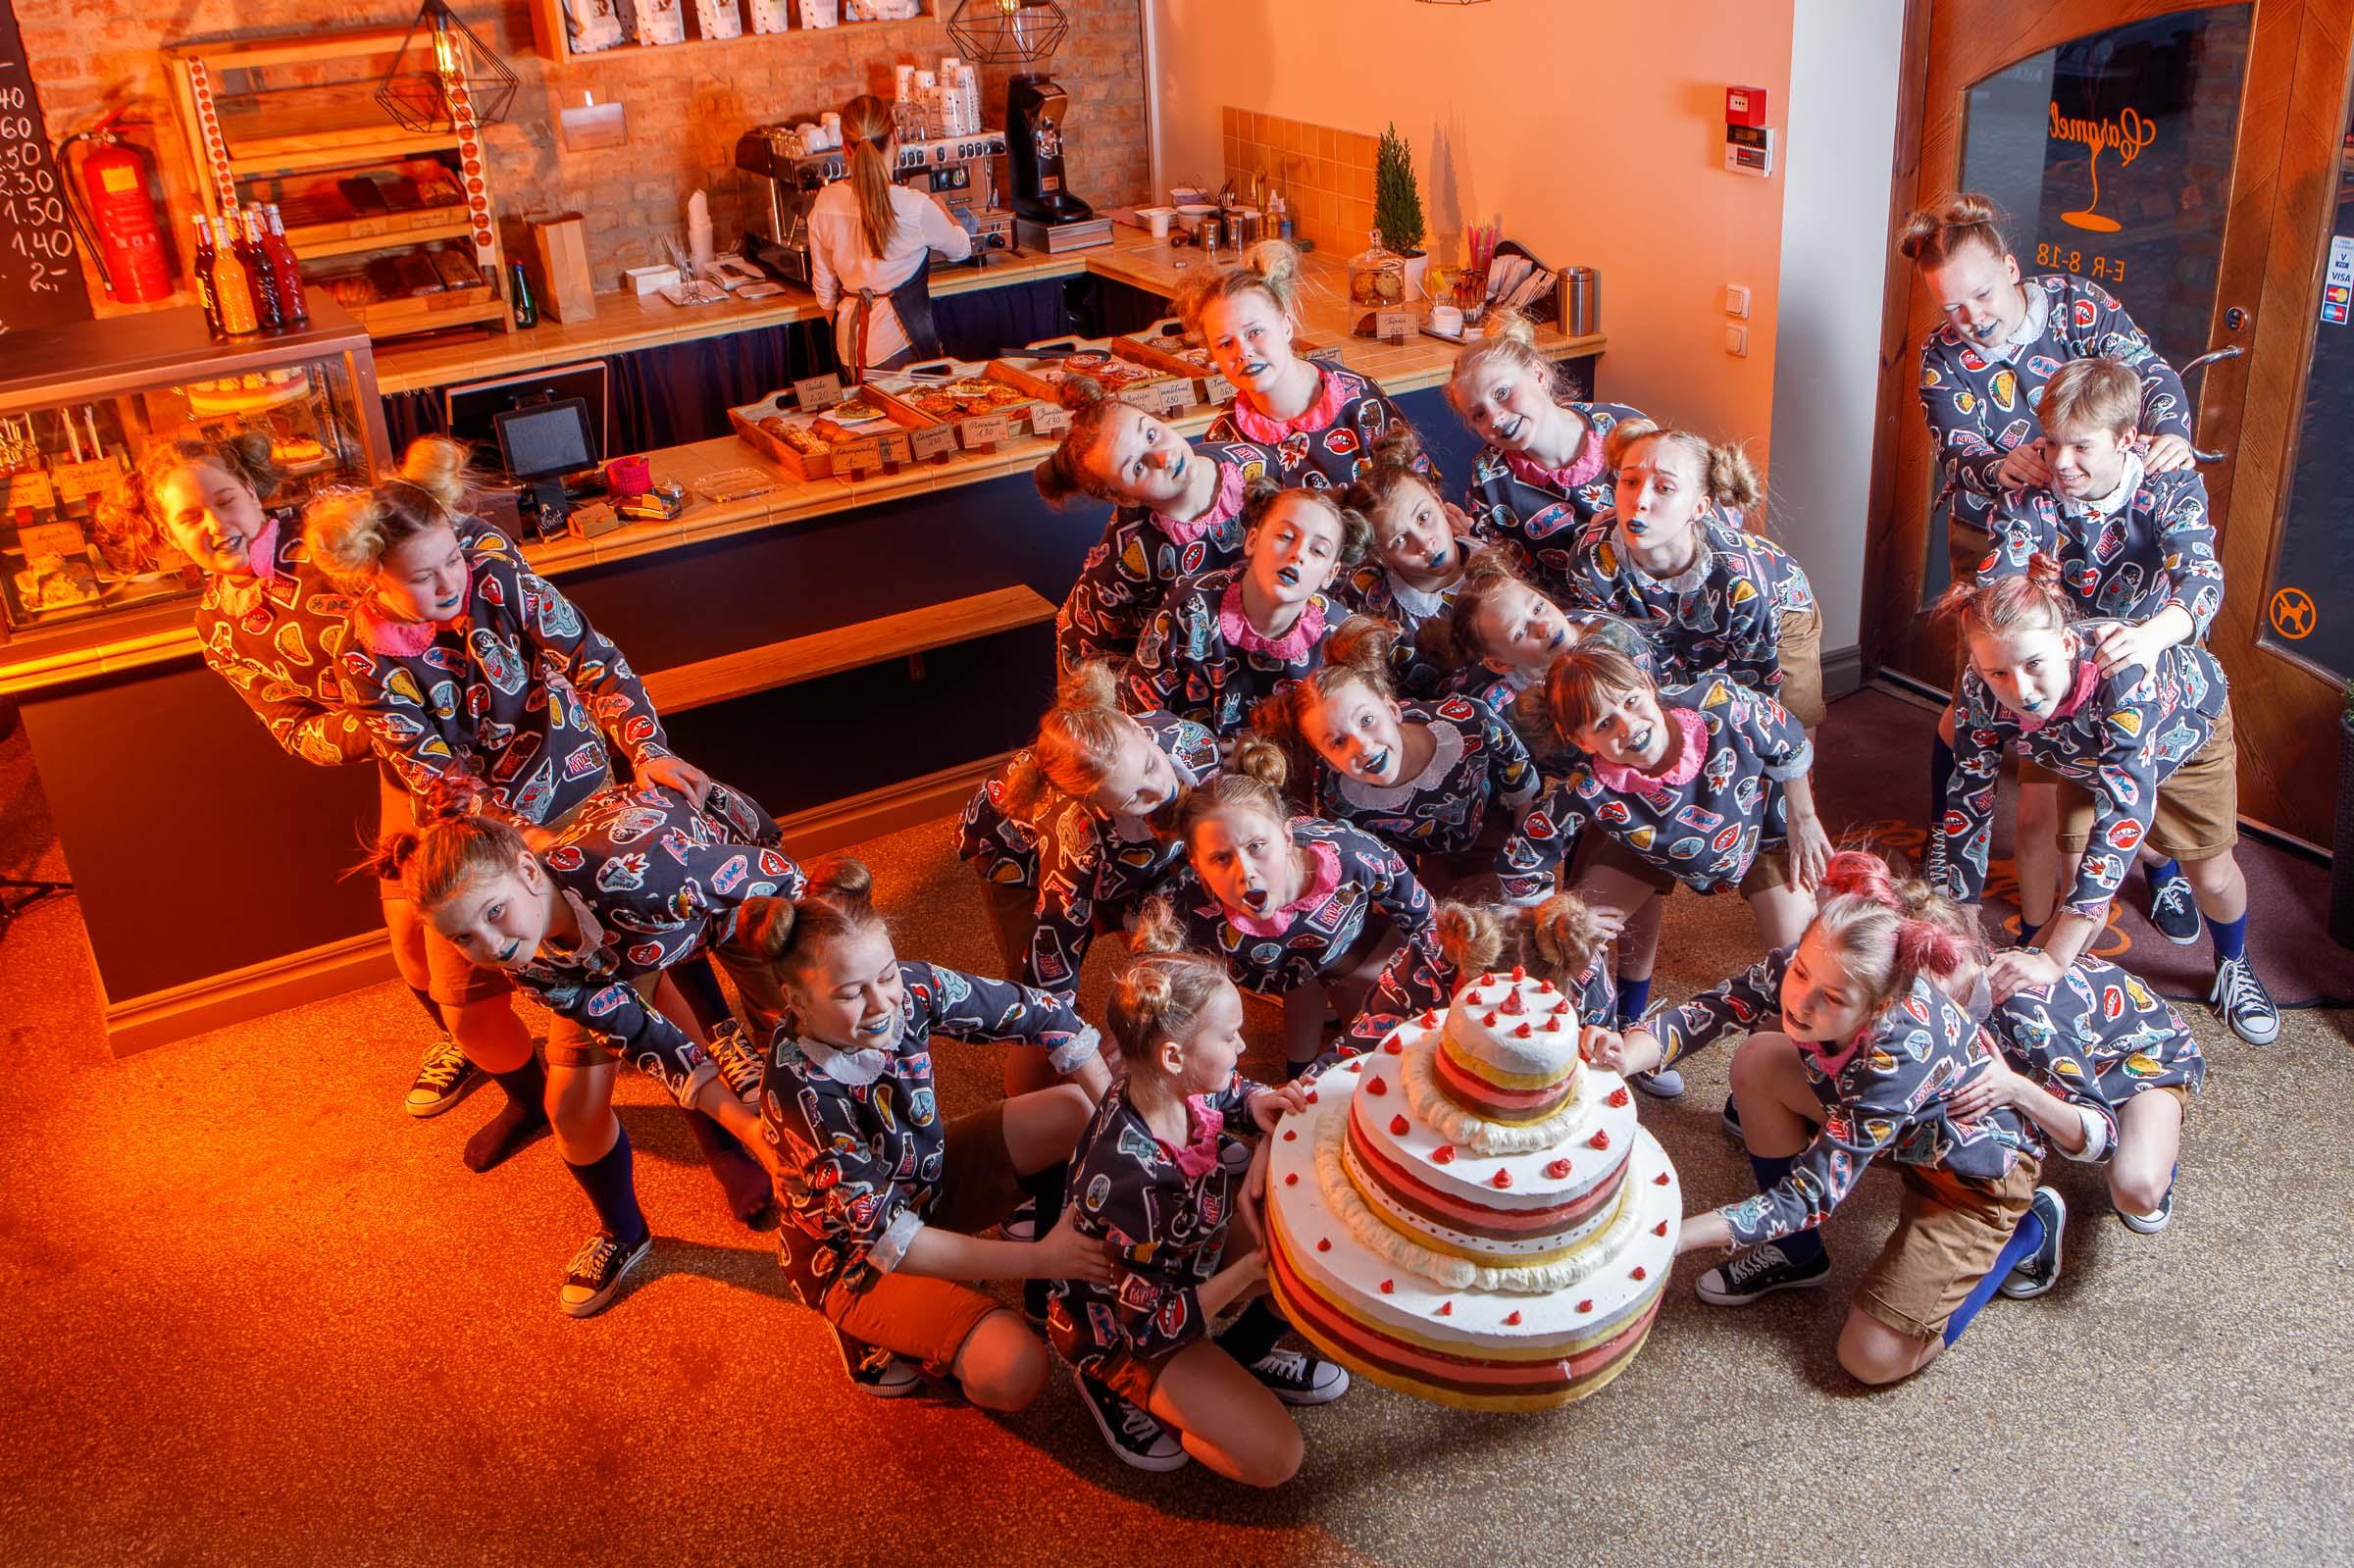 FACE-moe-ja-tantsukooli-tants-_Tort_-kohvikus-Caramel11